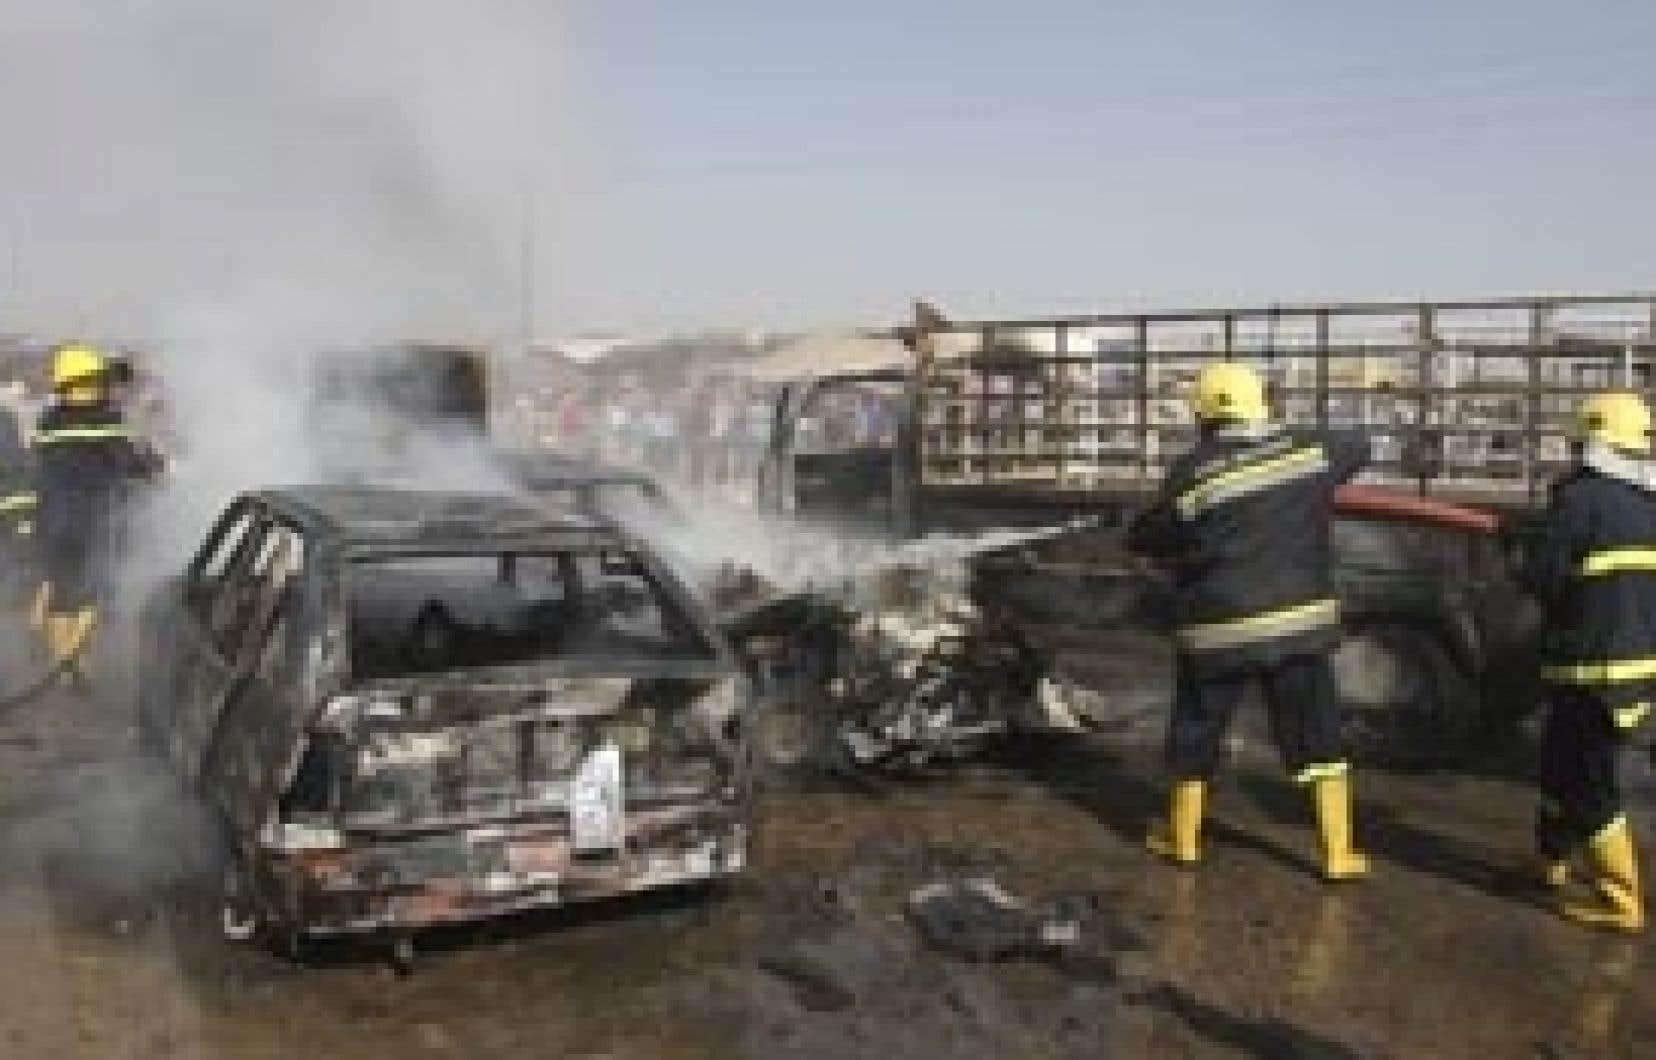 Les pompiers irakiens tentaient d'éteindre l'incendie qui ravageait une voiture dans le district Husseiniya de Bagdad.